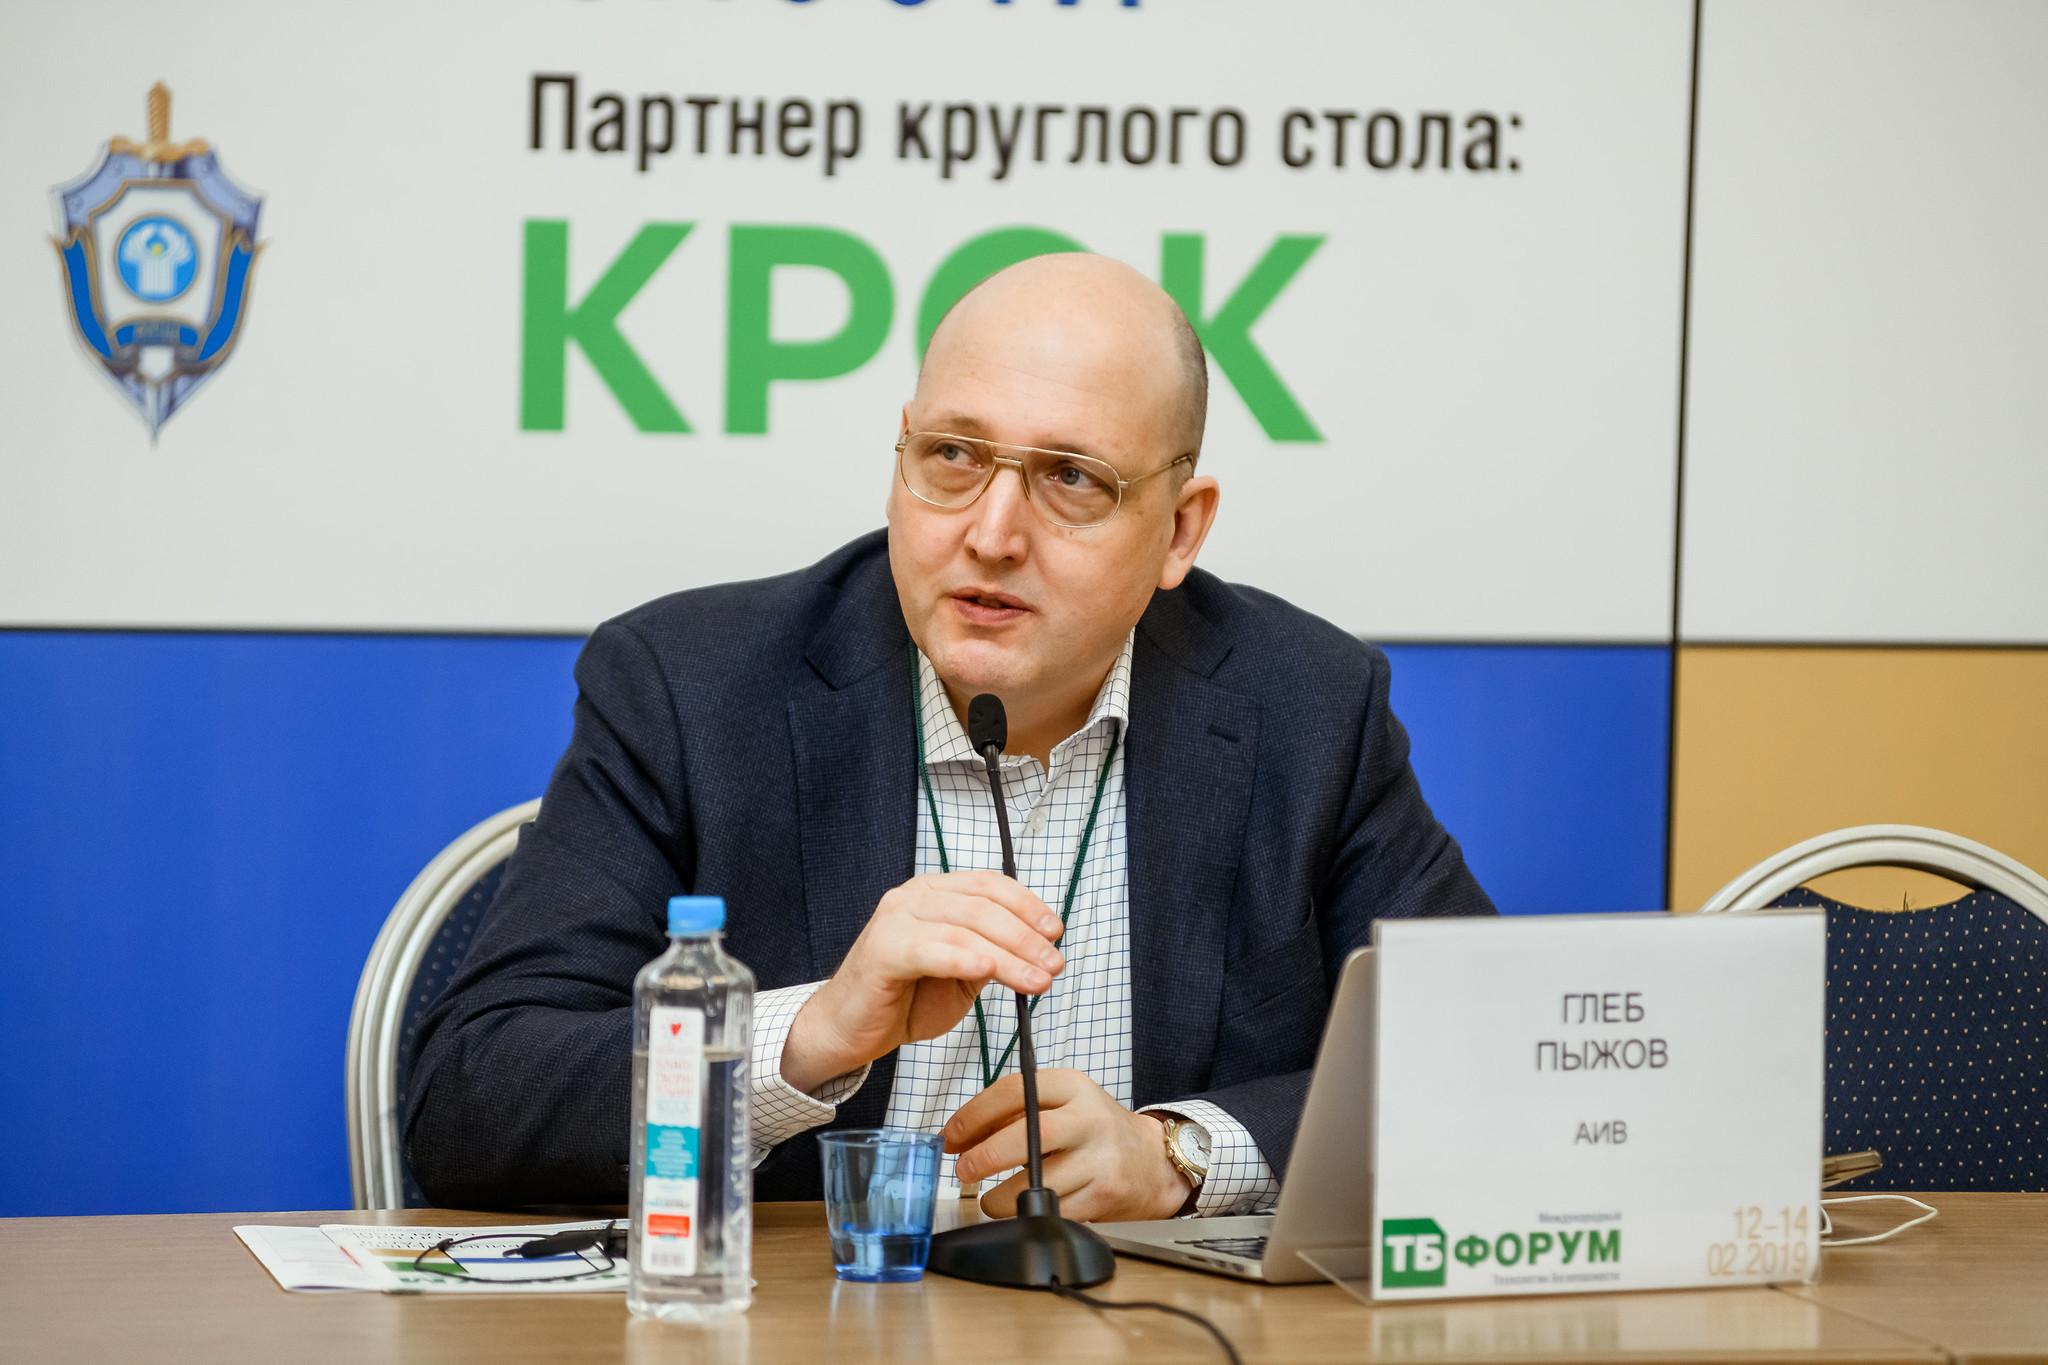 Глеб Пыжов